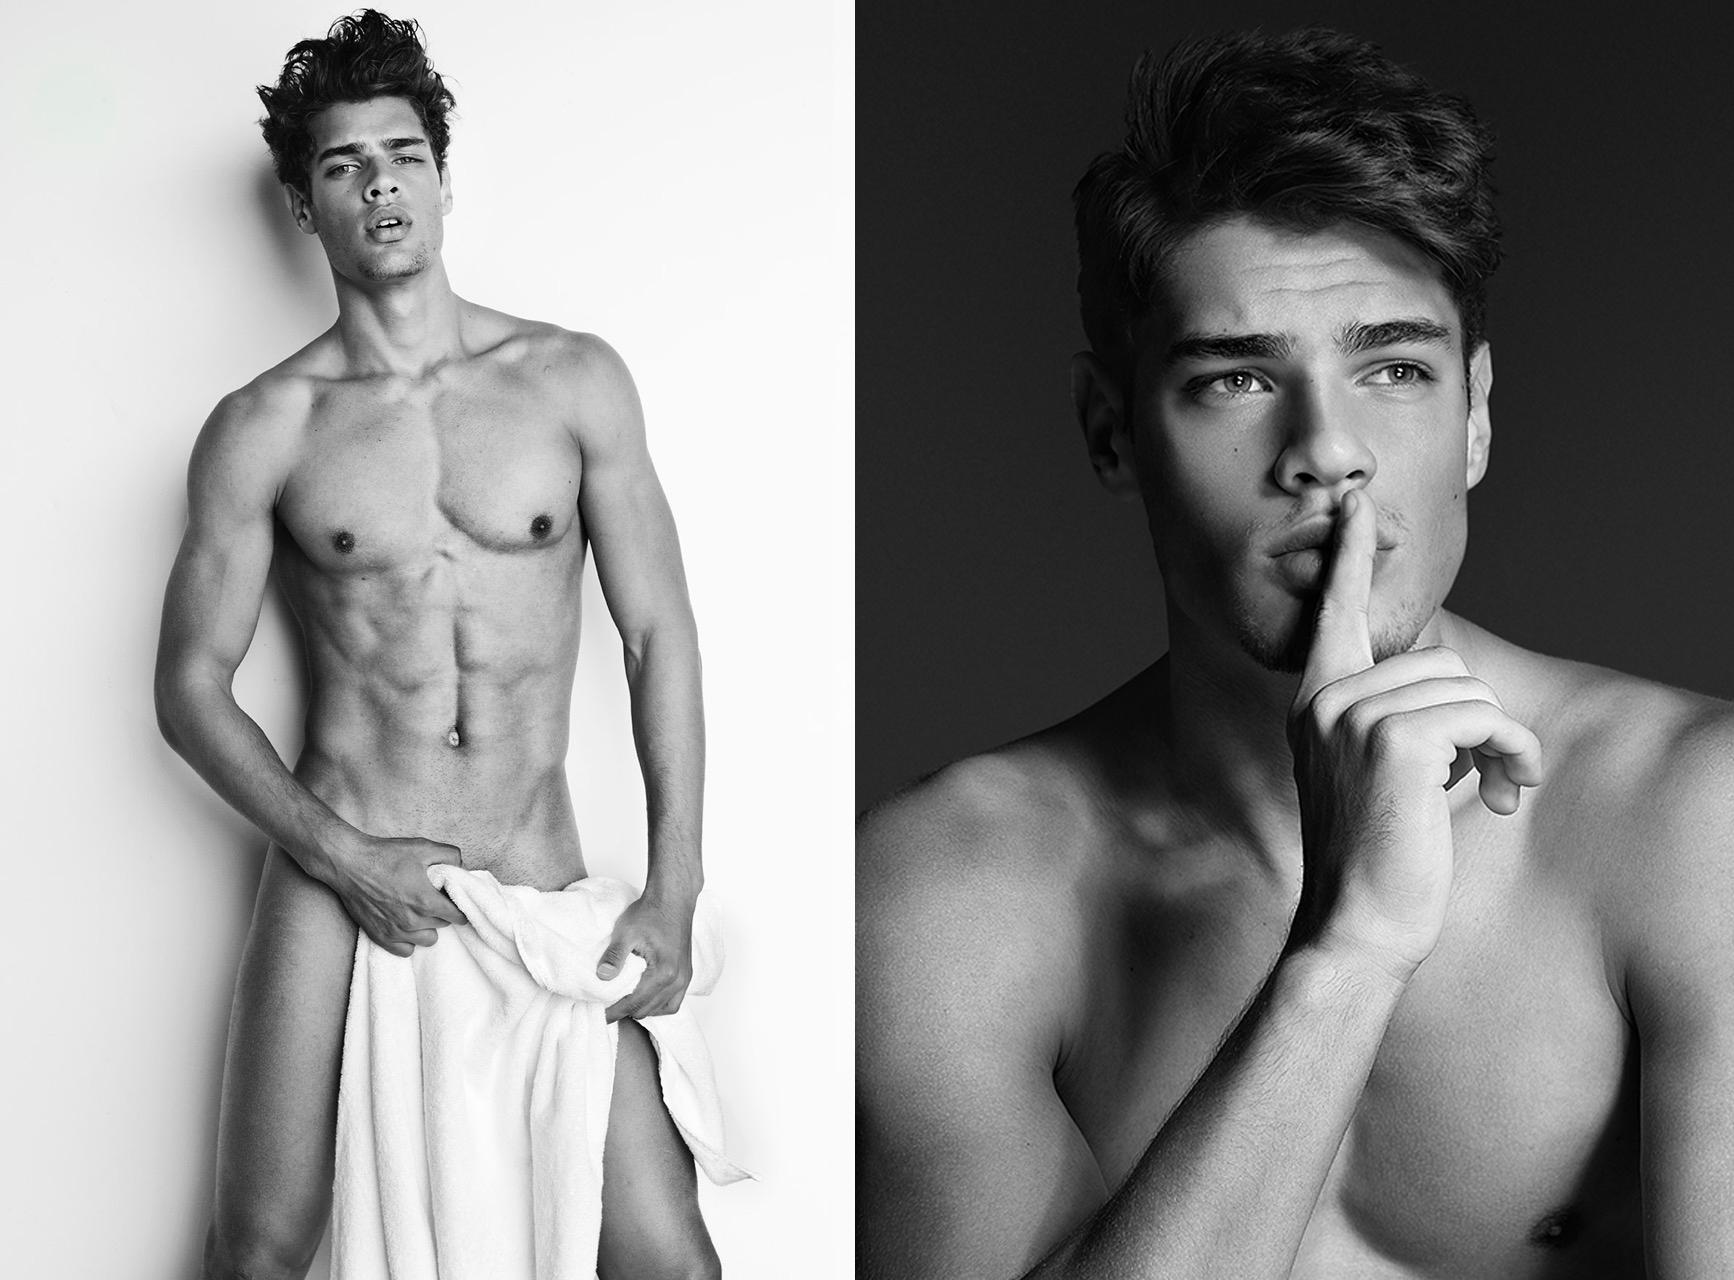 El brasileño Lucas Loyola desnudo